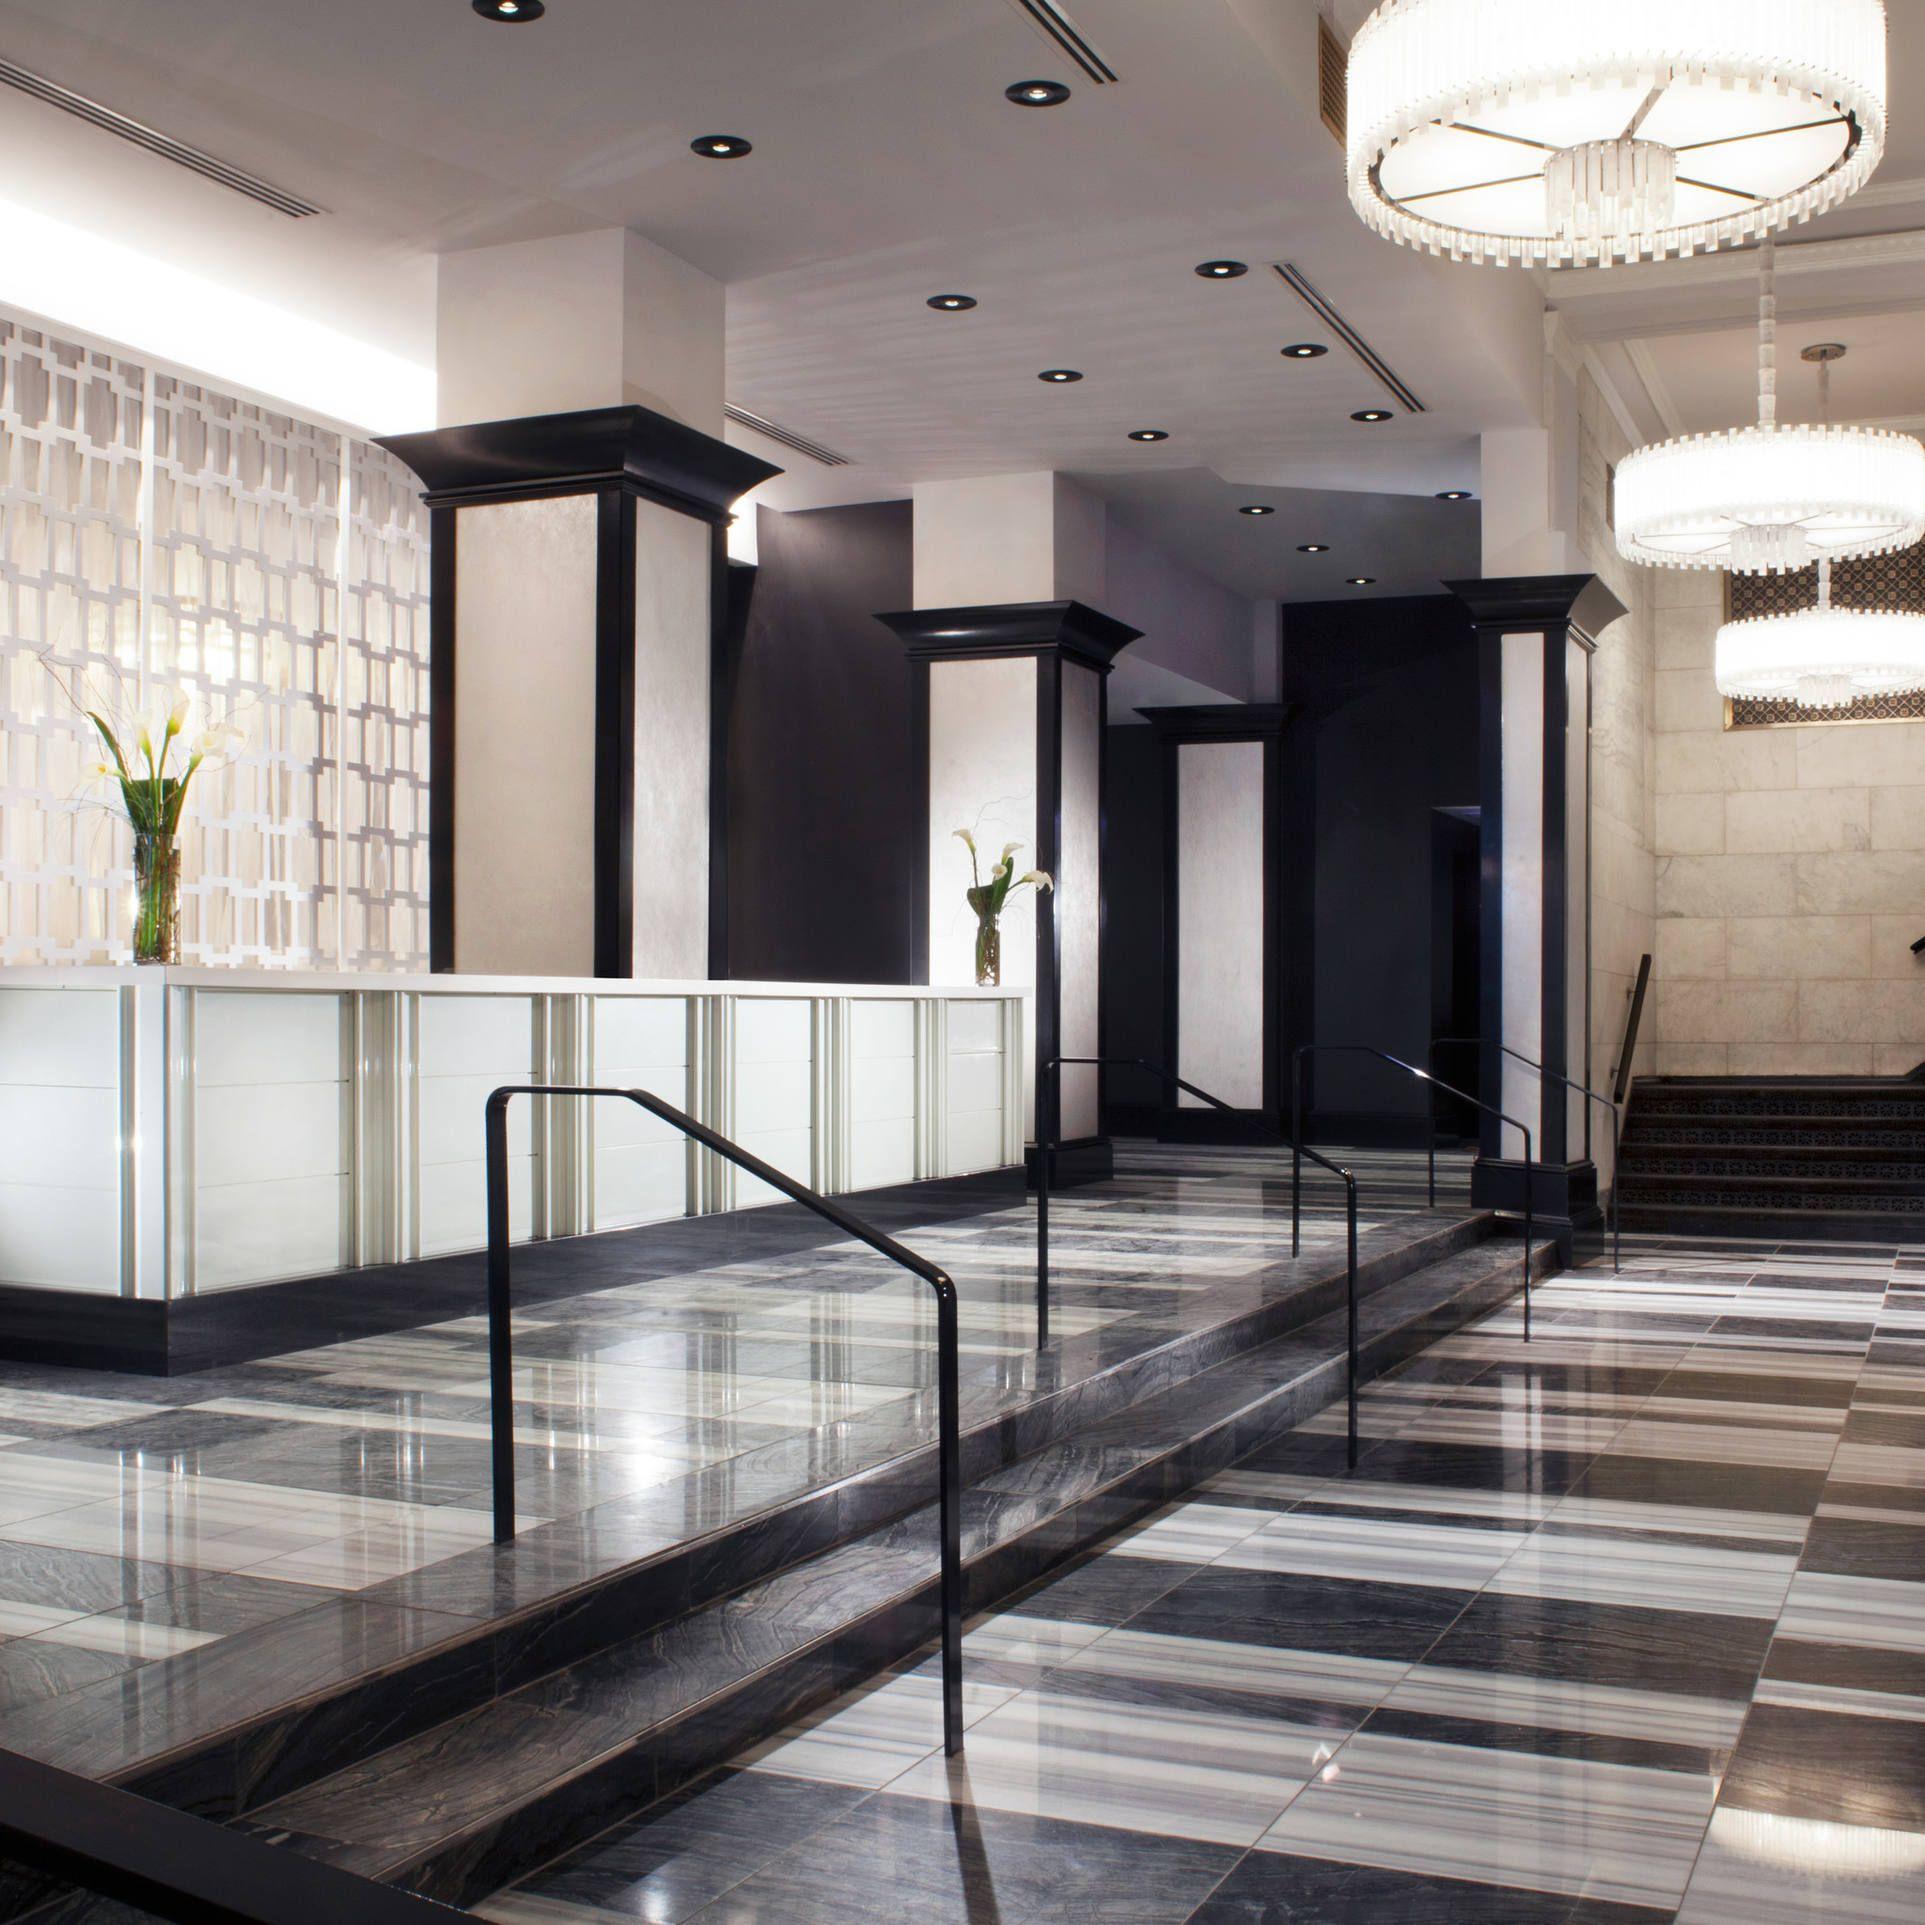 W Chicago City Center (Chicago, IL Hotel interior